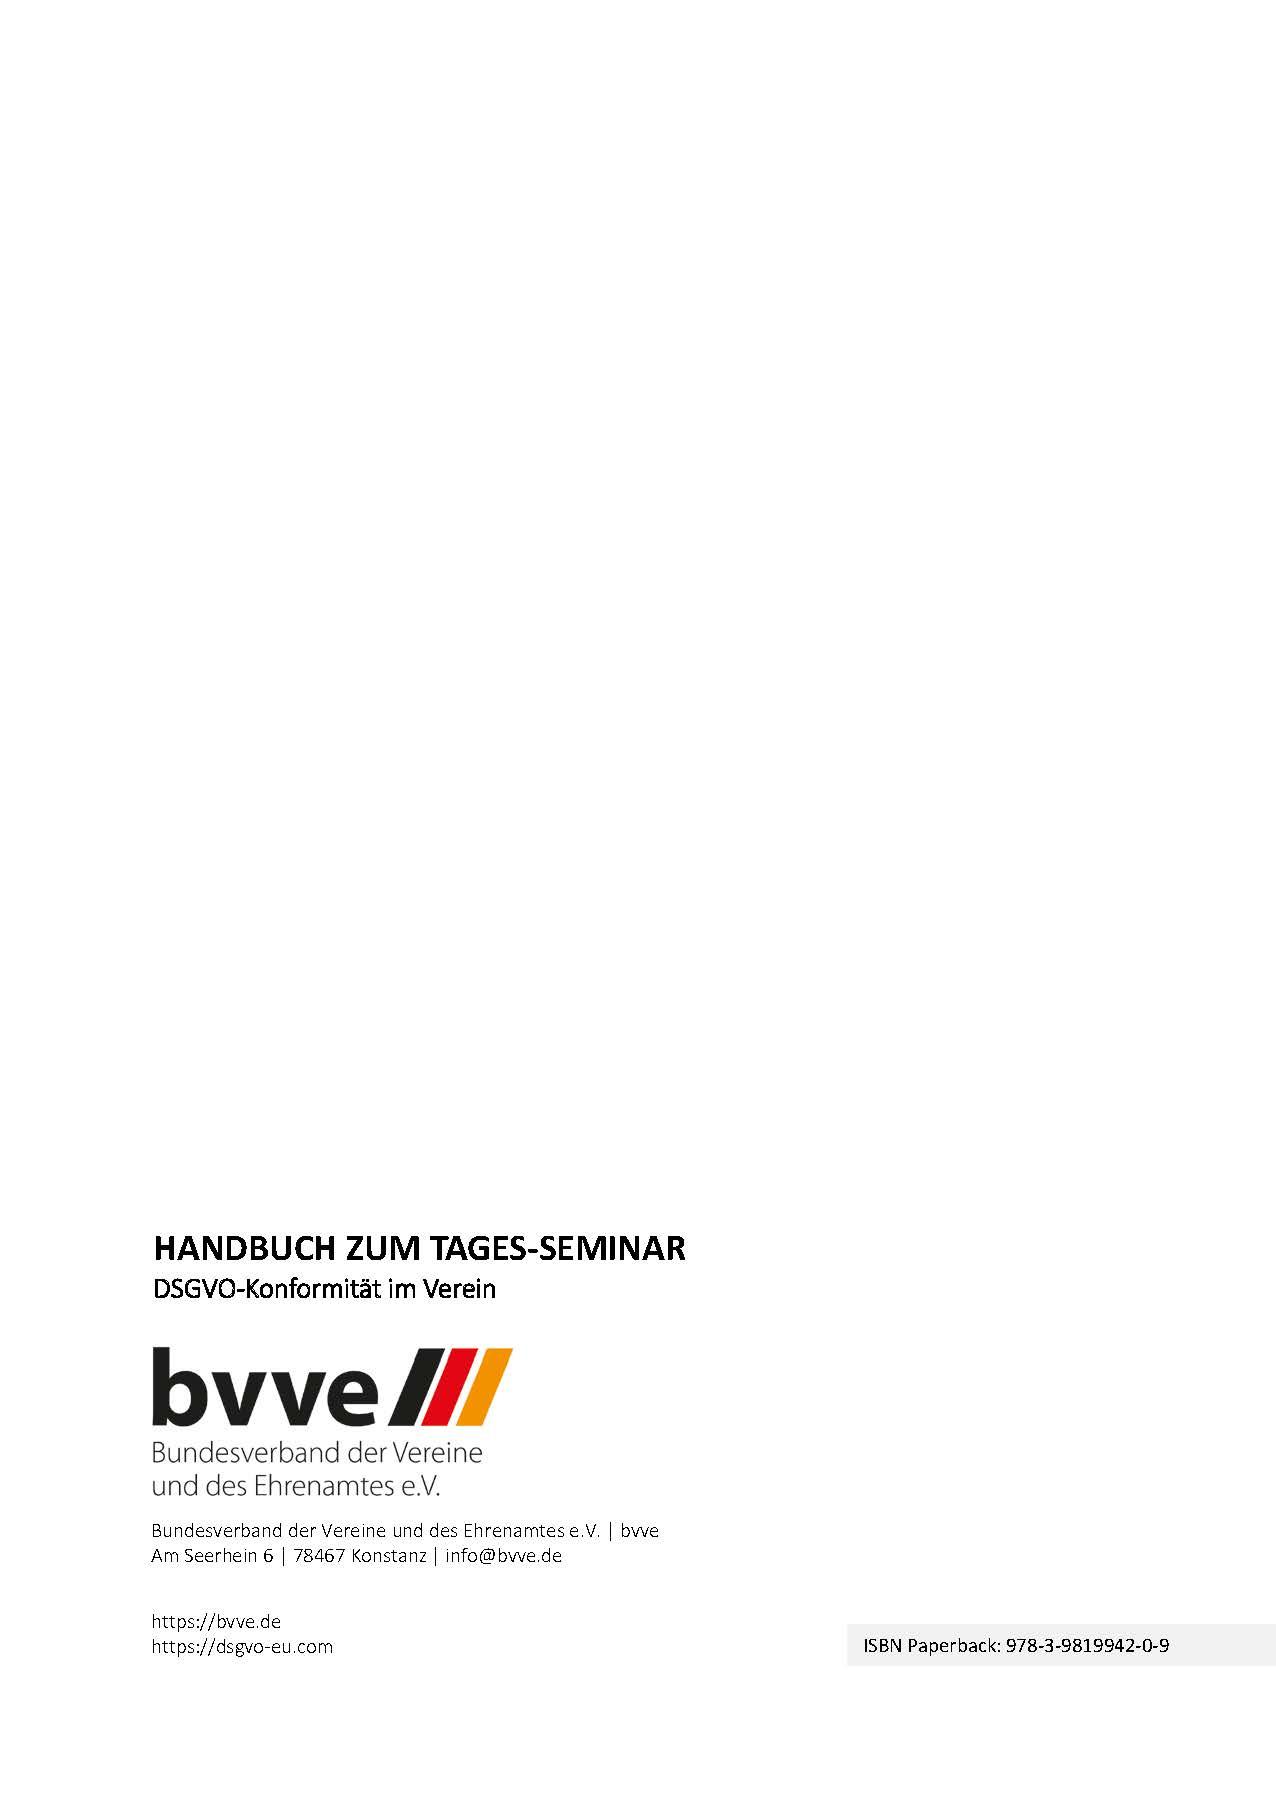 Handbuch zum Tagesseminar DSGVO bvve Auszug Hans-Jürgen Schwarz